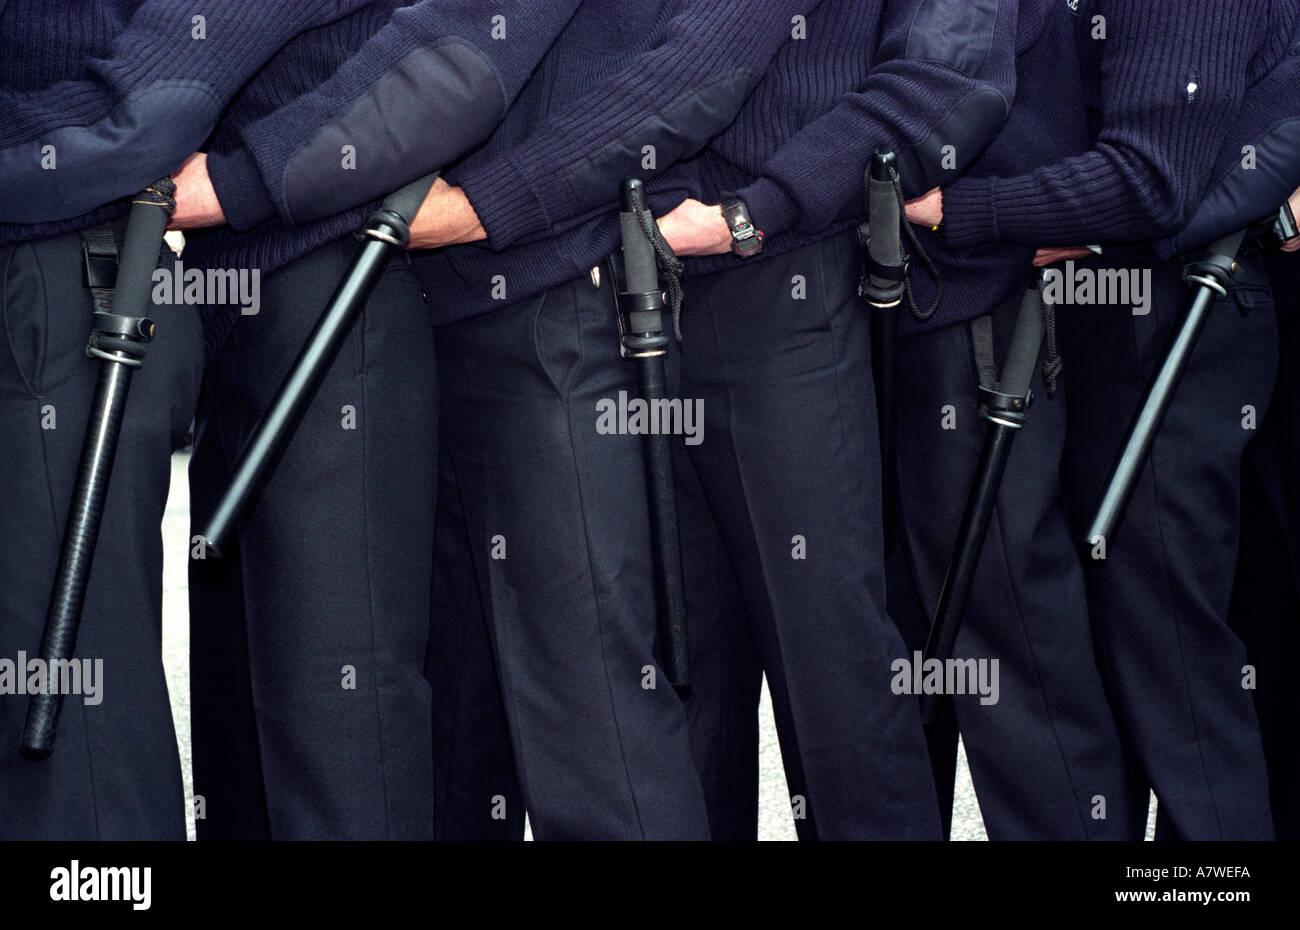 Funcionarios de la policía metropolitana durante las labores de capacitación de orden público, Londres, Reino Unido. Foto de stock